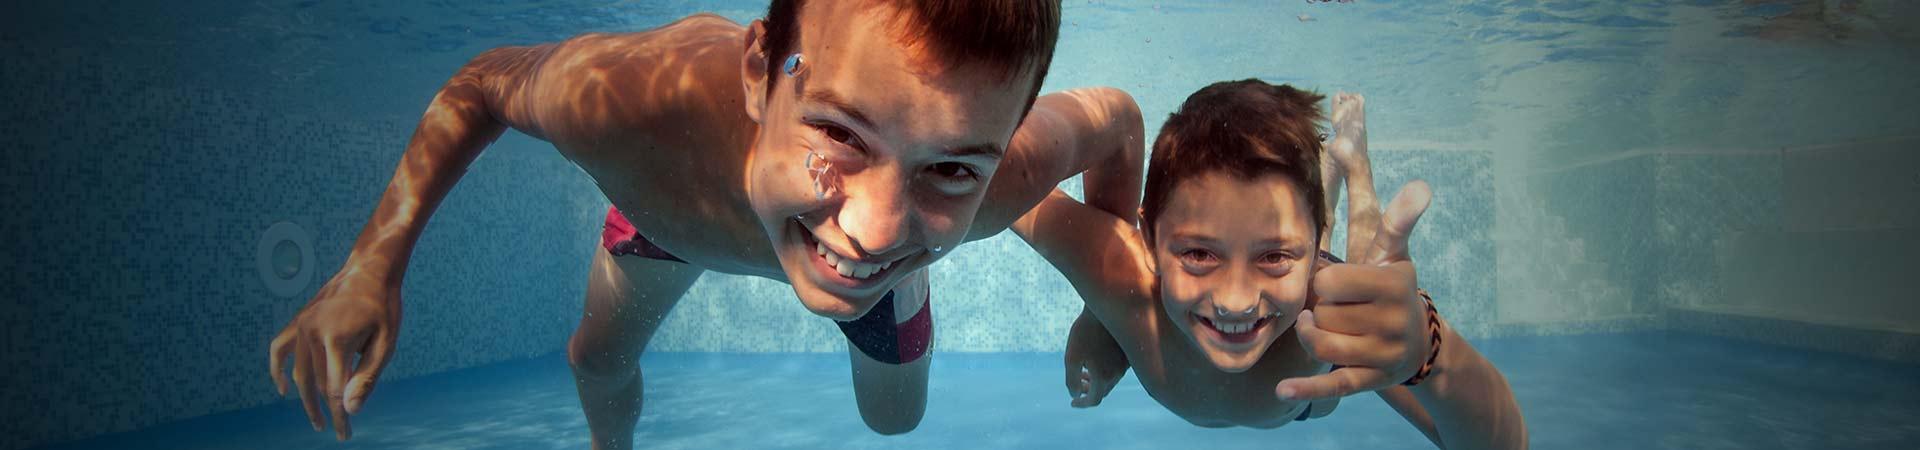 Schwimmbadtechnik: alles für den perfekten Pool